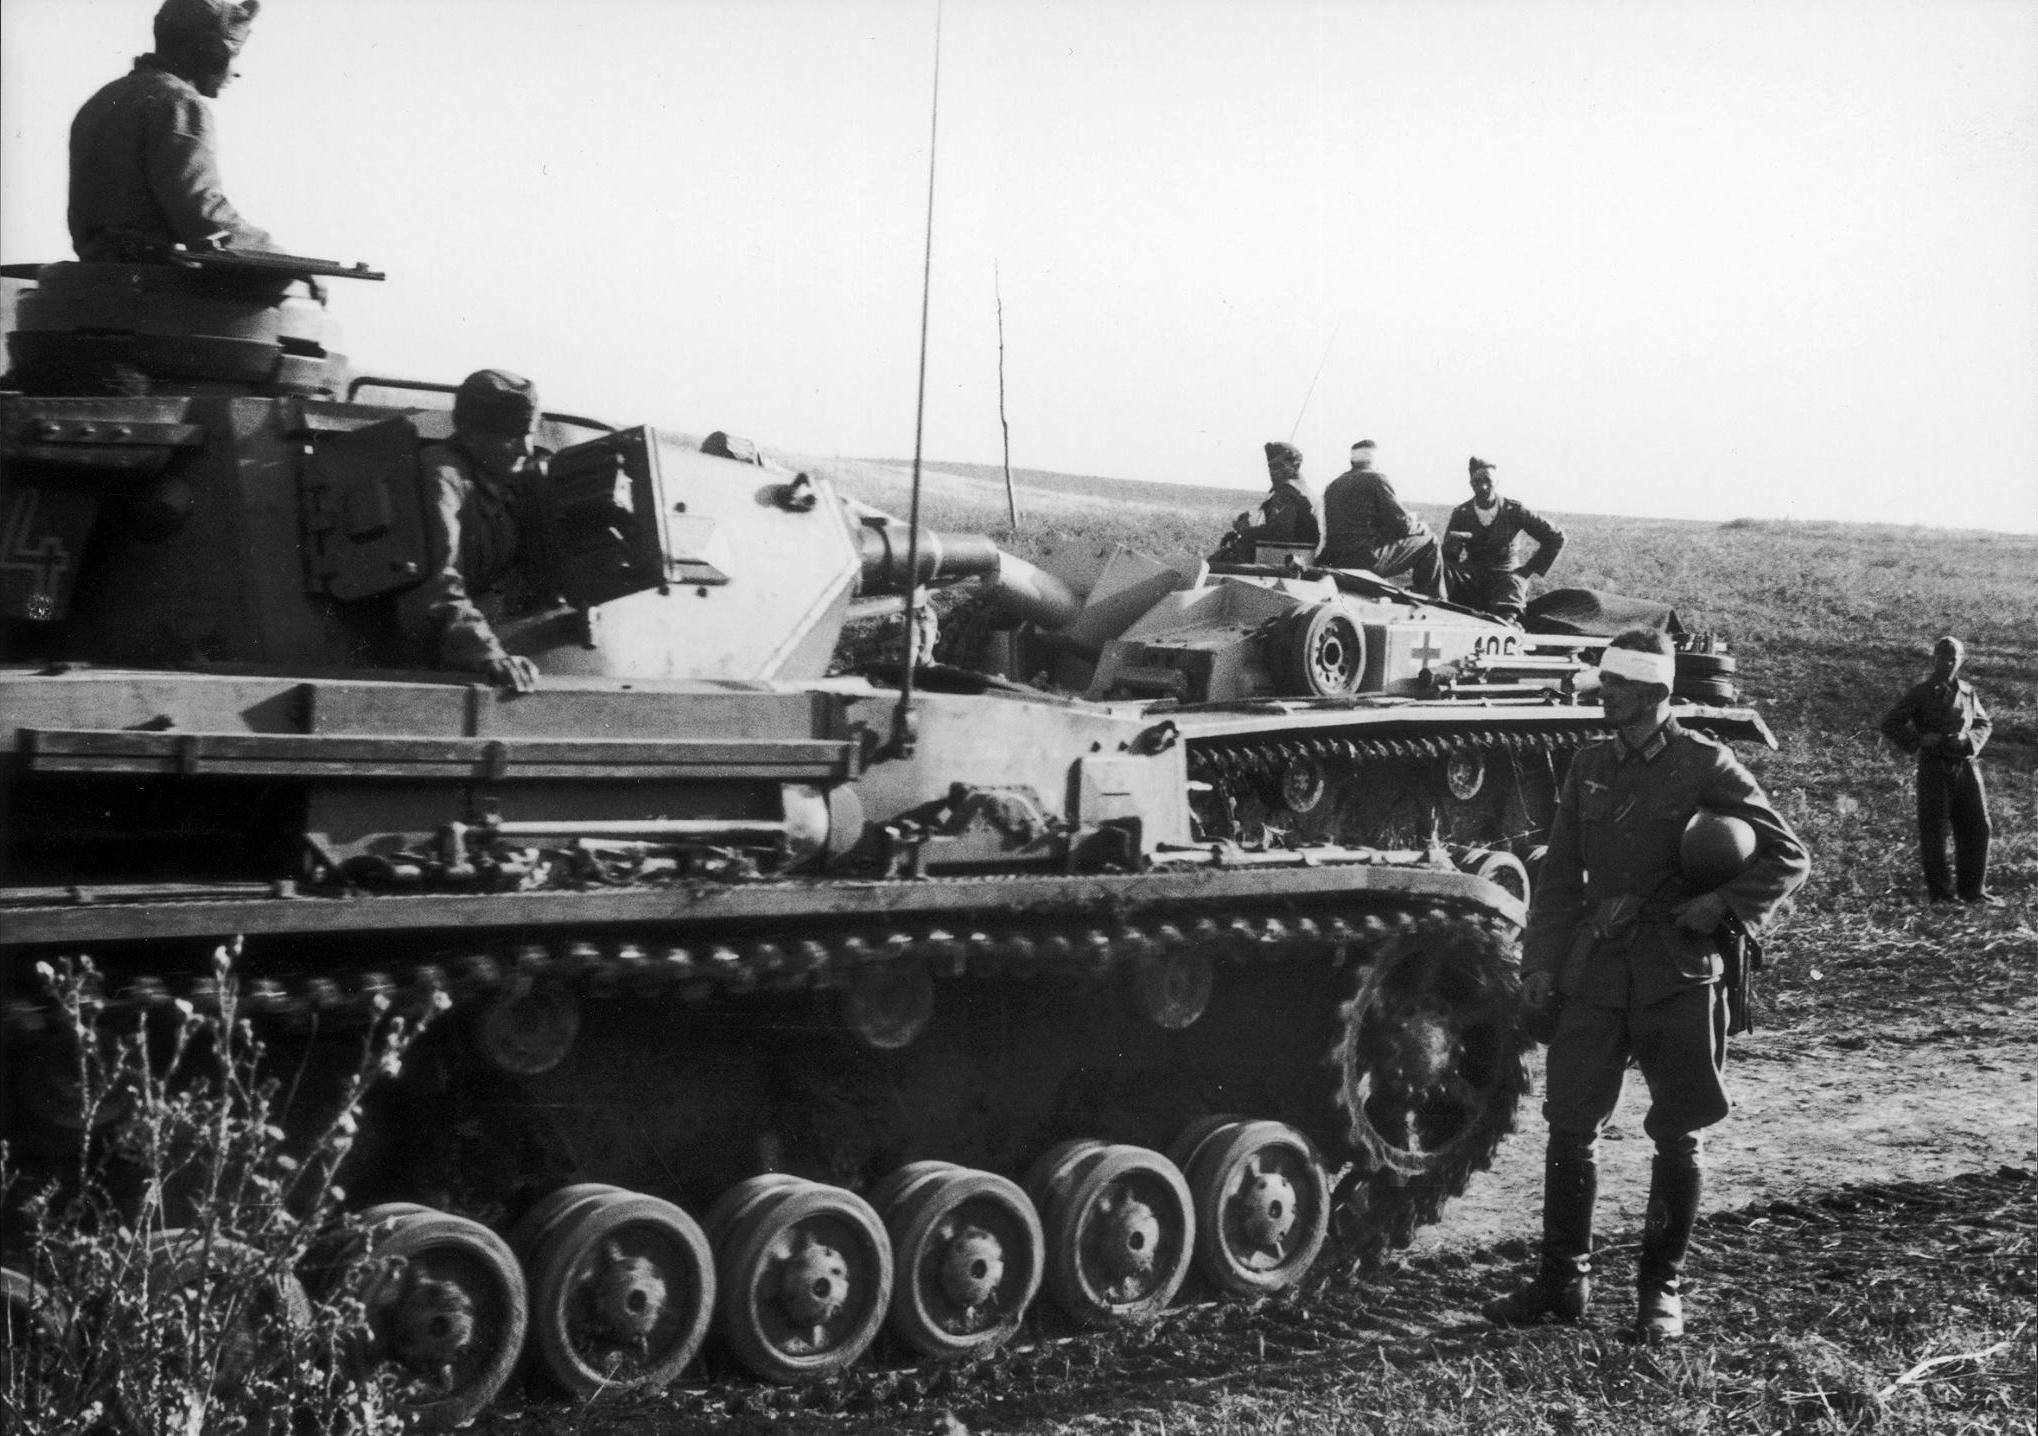 Венгерские танкисты на танке Pz. Kpfw. IV и немецкое штурмовое орудие StuG III